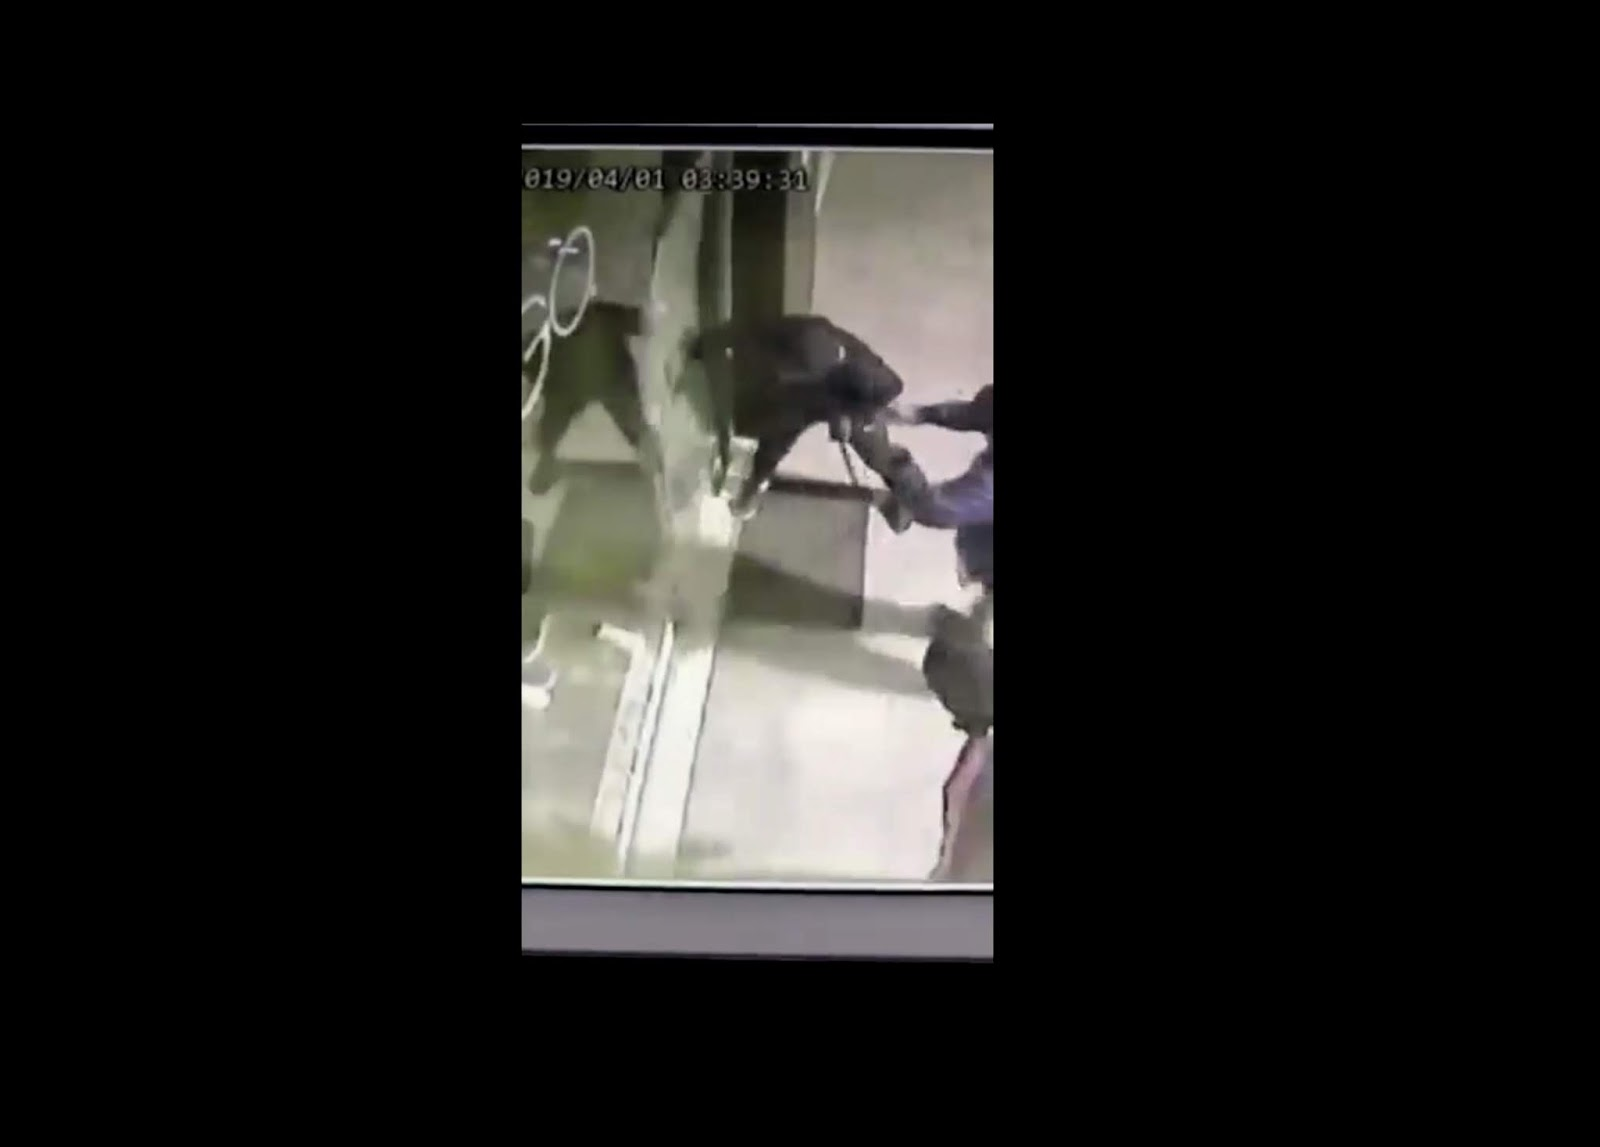 fe005d7ade0e Καρέ - καρέ η ληστεία στο κατάστημα ρούχων SOGO στο Ωραιόκαστρο στο βίντεο  που εξασφάλισε το